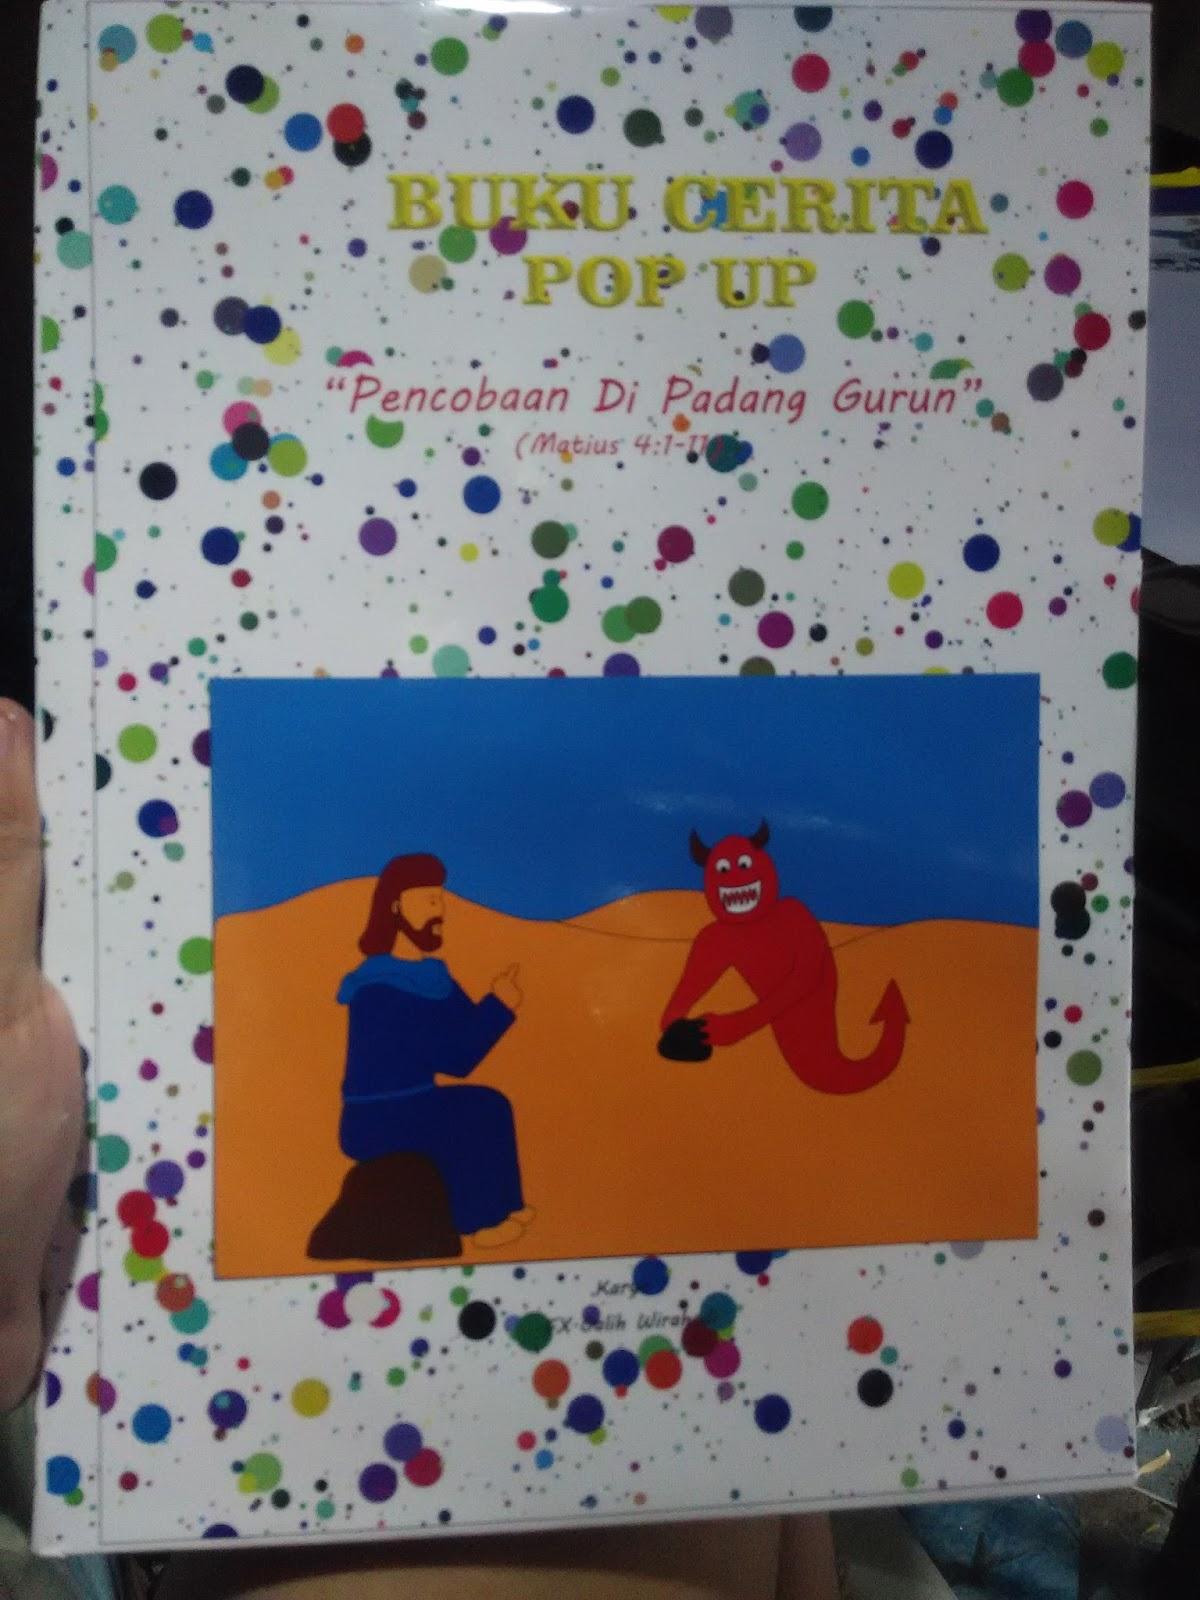 Buku POP Up Pencobaan Di padang Gurun (Rp.70.000)